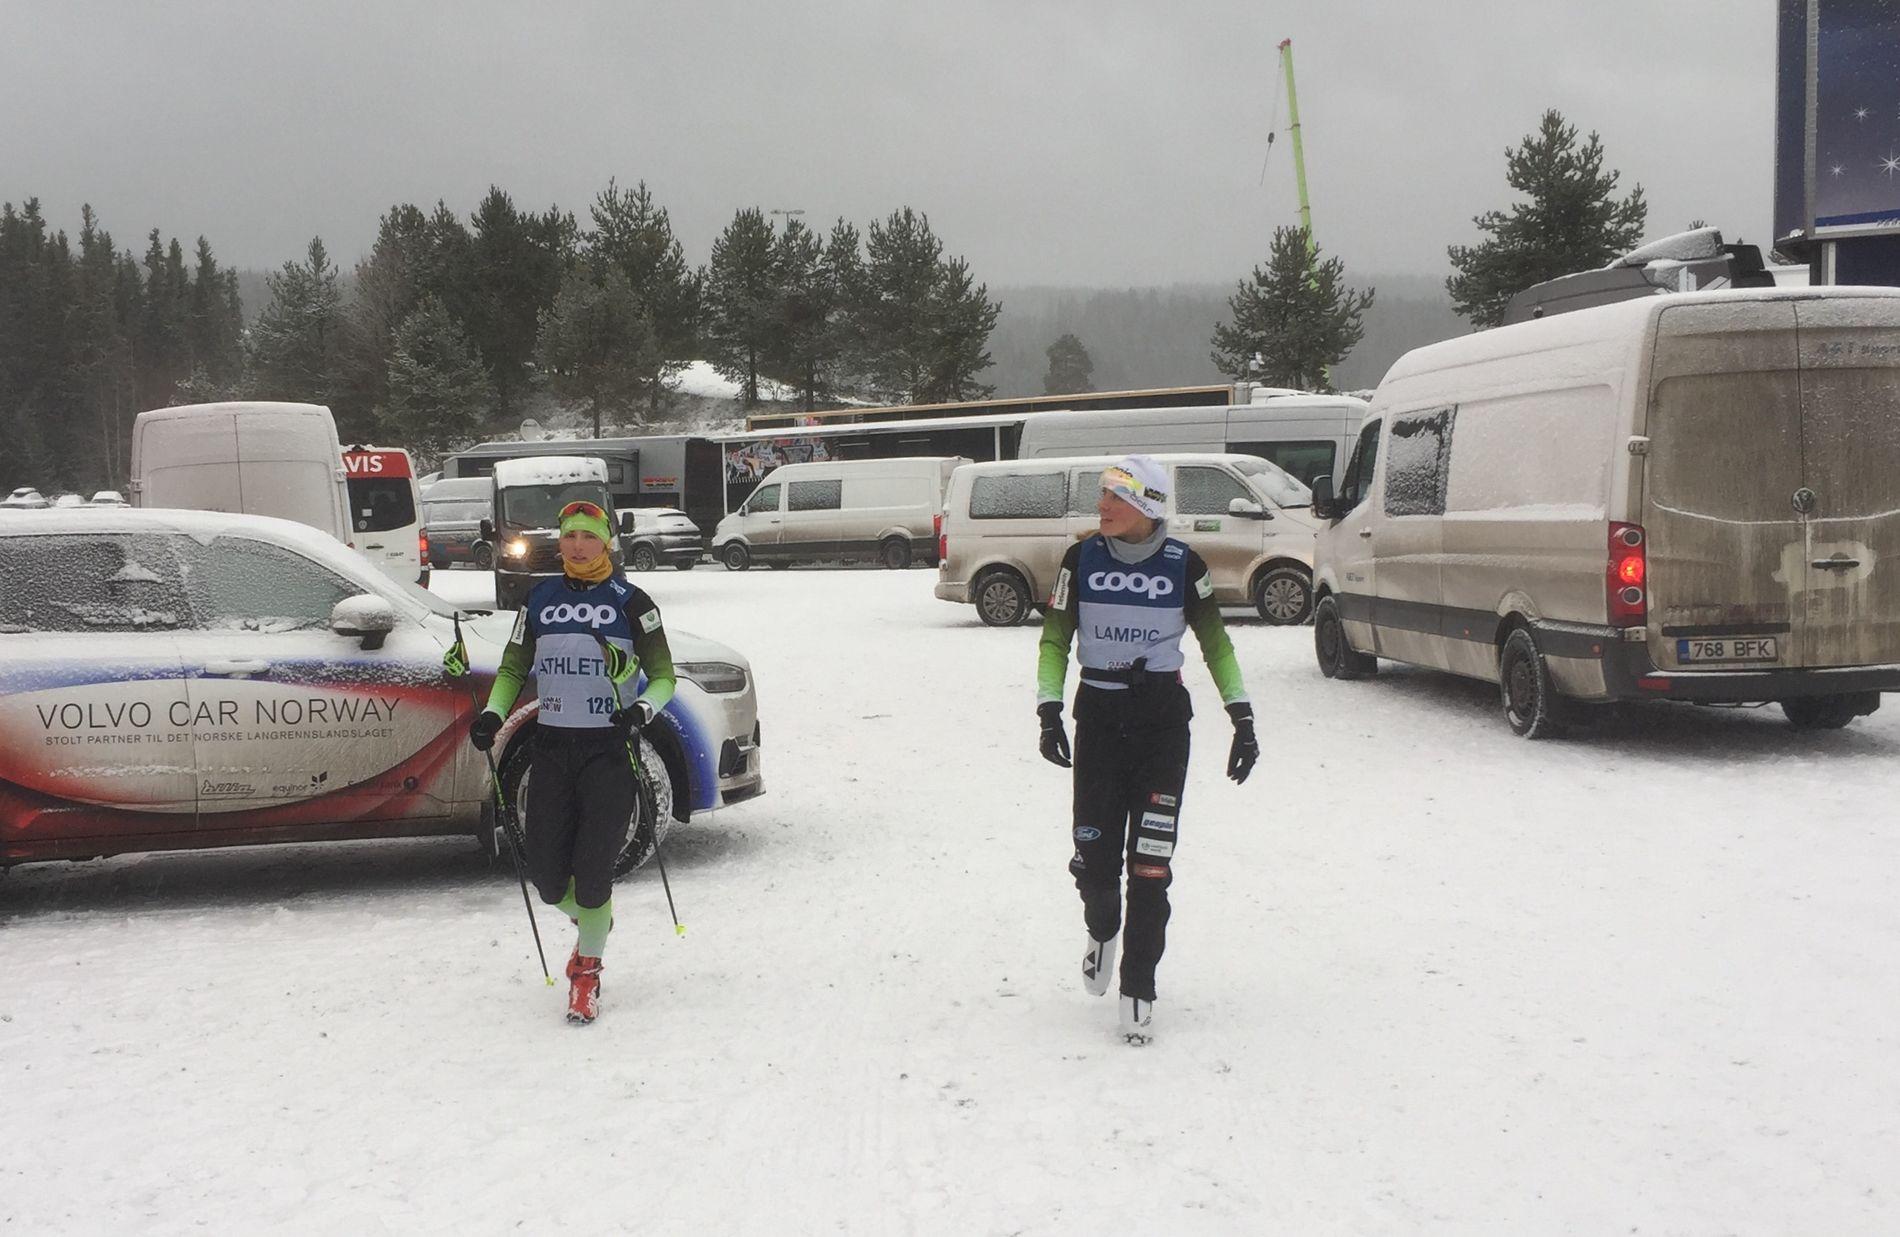 SPONSORLOGO: Slovenske løpere på vei fra trening i dag med oppvarmingstrøyene slik de egentlig ser ut med Coop-logoen.